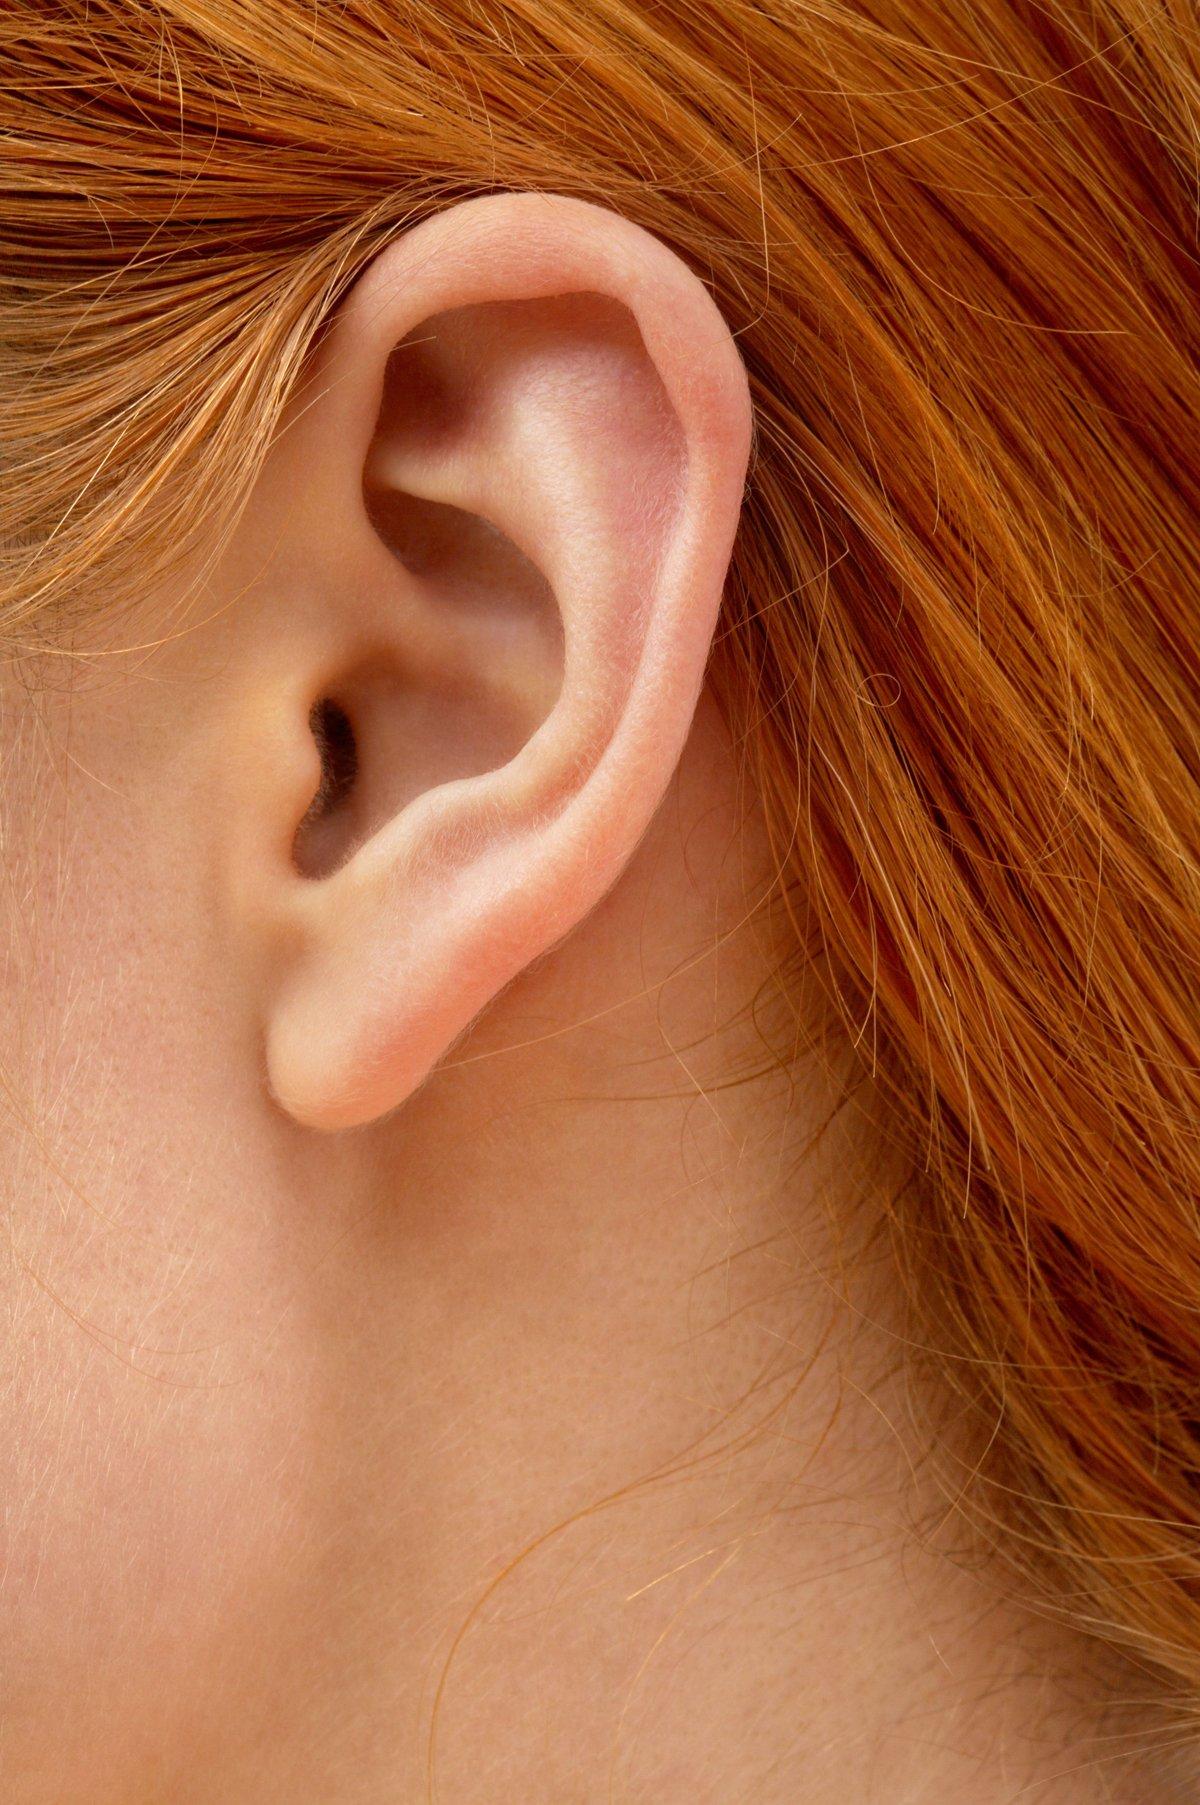 giornata internazionale dell'orecchio